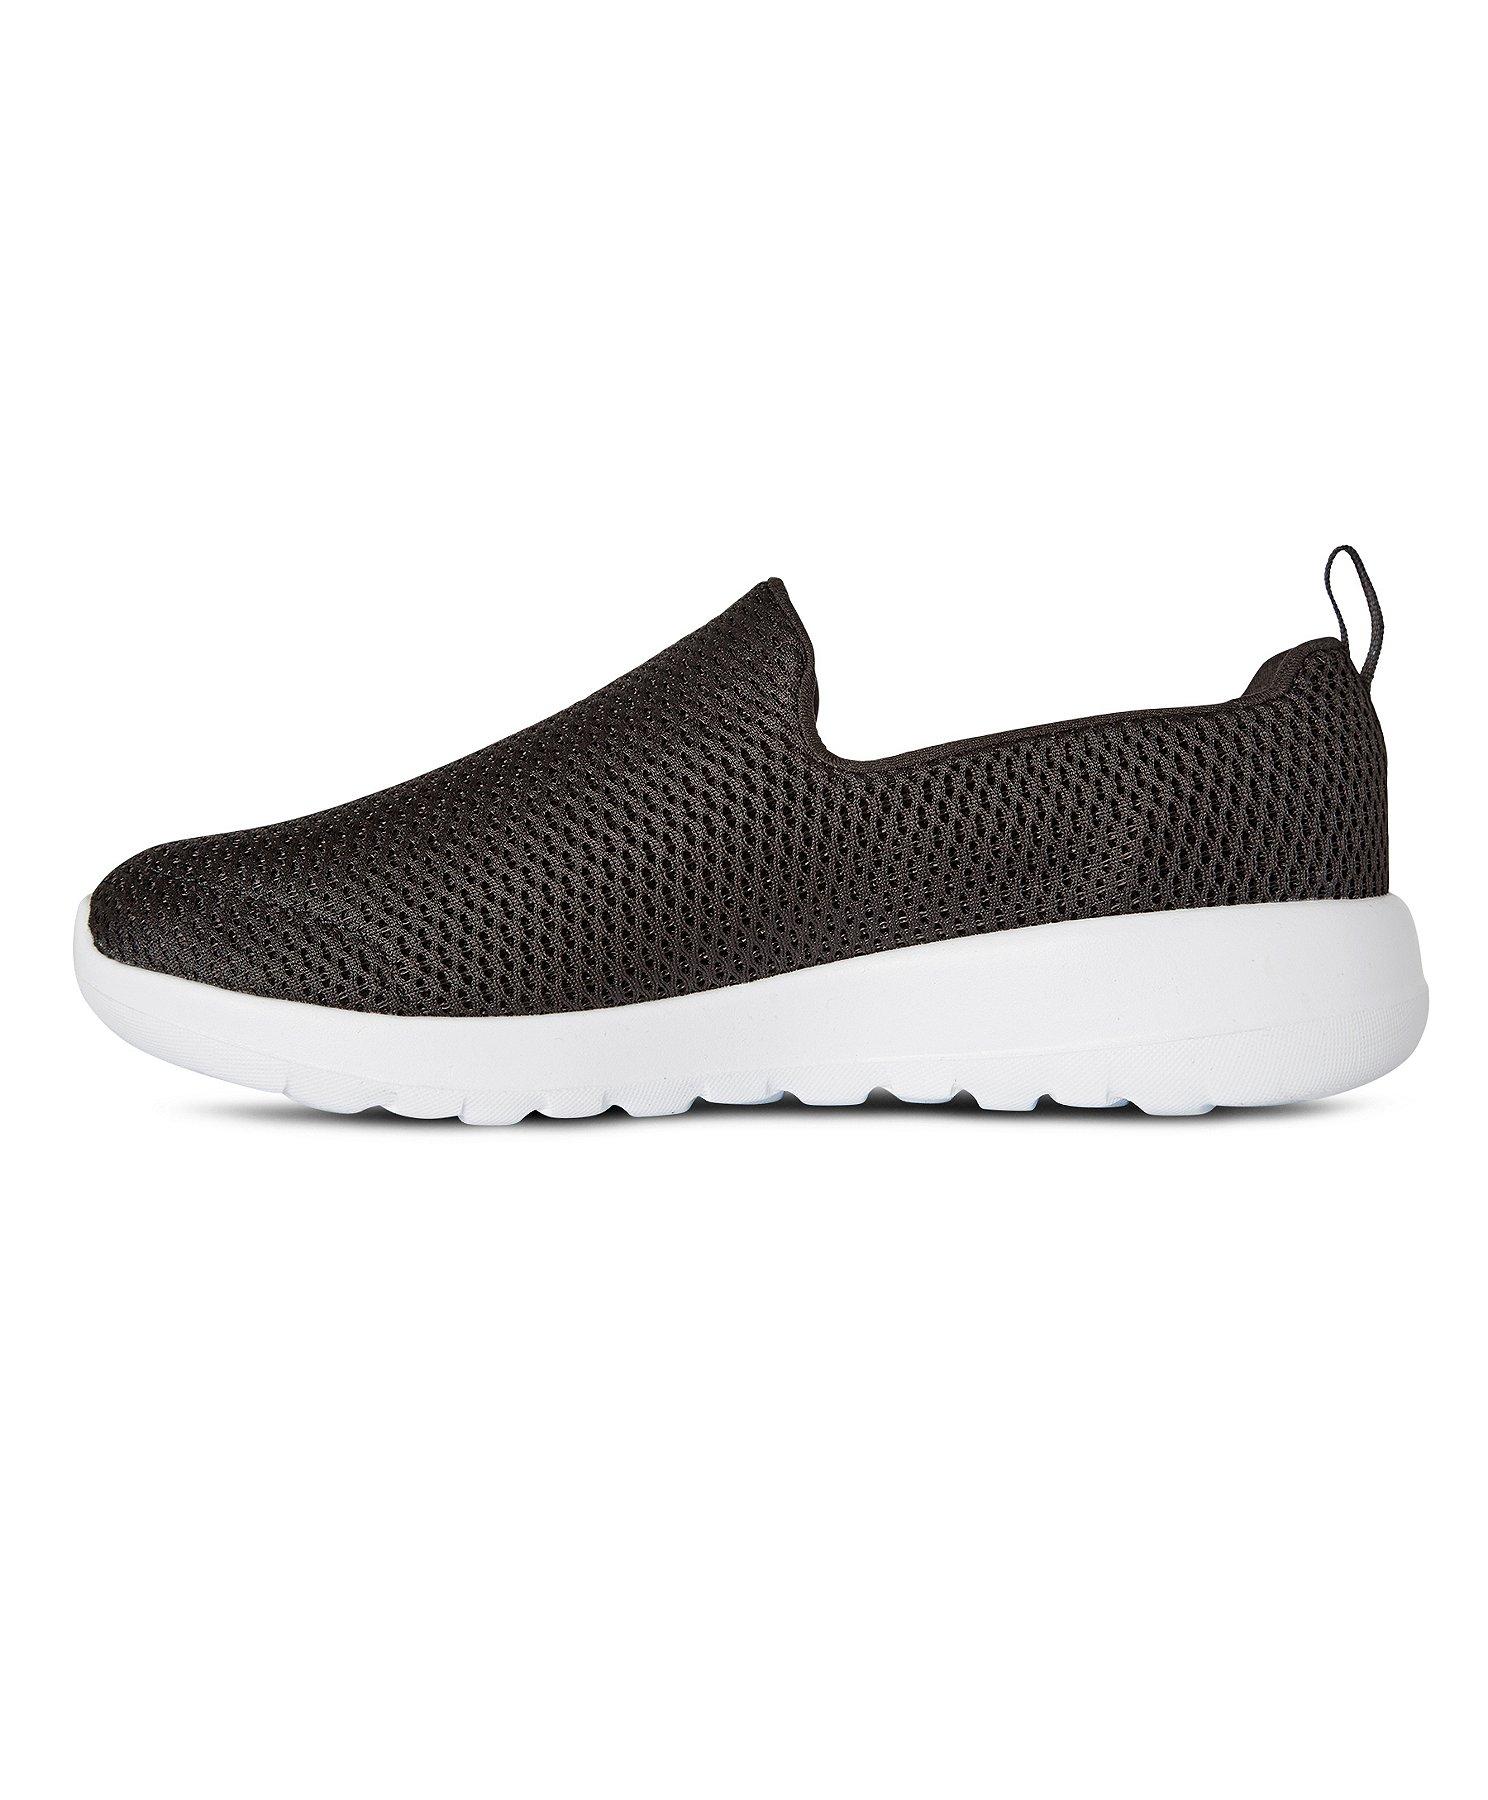 Chaussures larges à enfiler pour femmes, GOWalk Joy